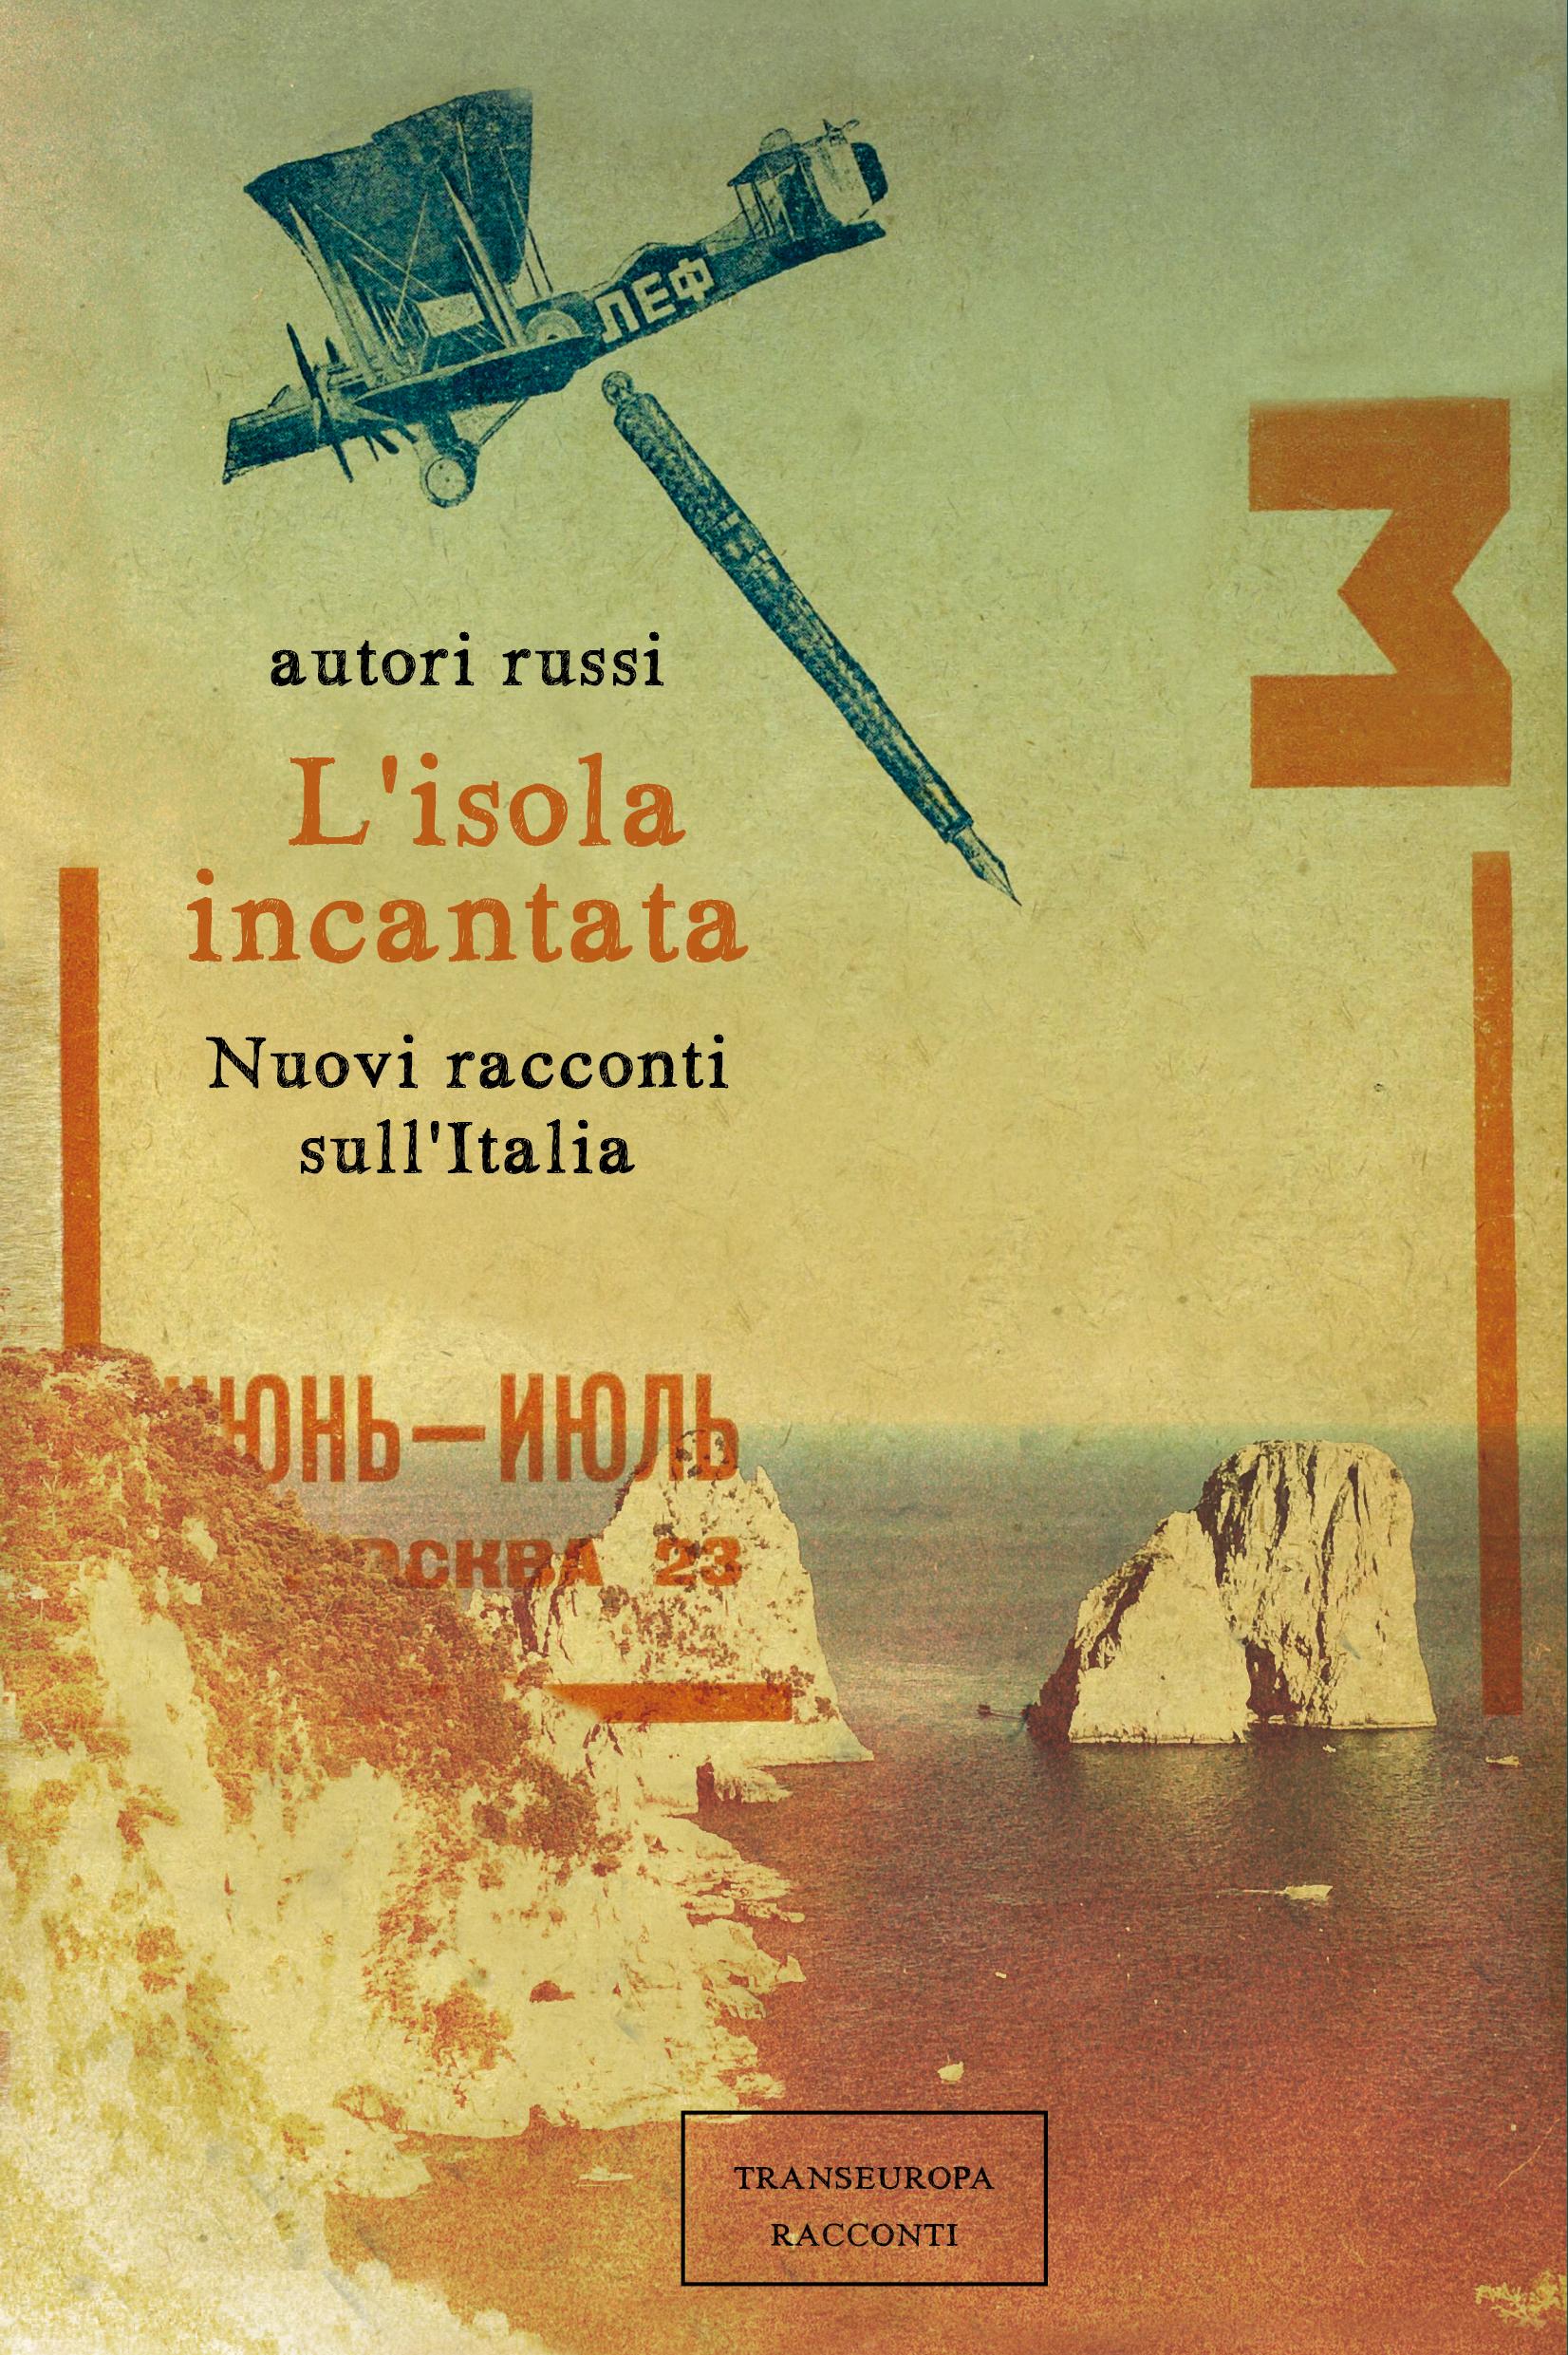 """La copertina del libro """"L'isola incantata. Nuovi racconti sull'Italia""""."""